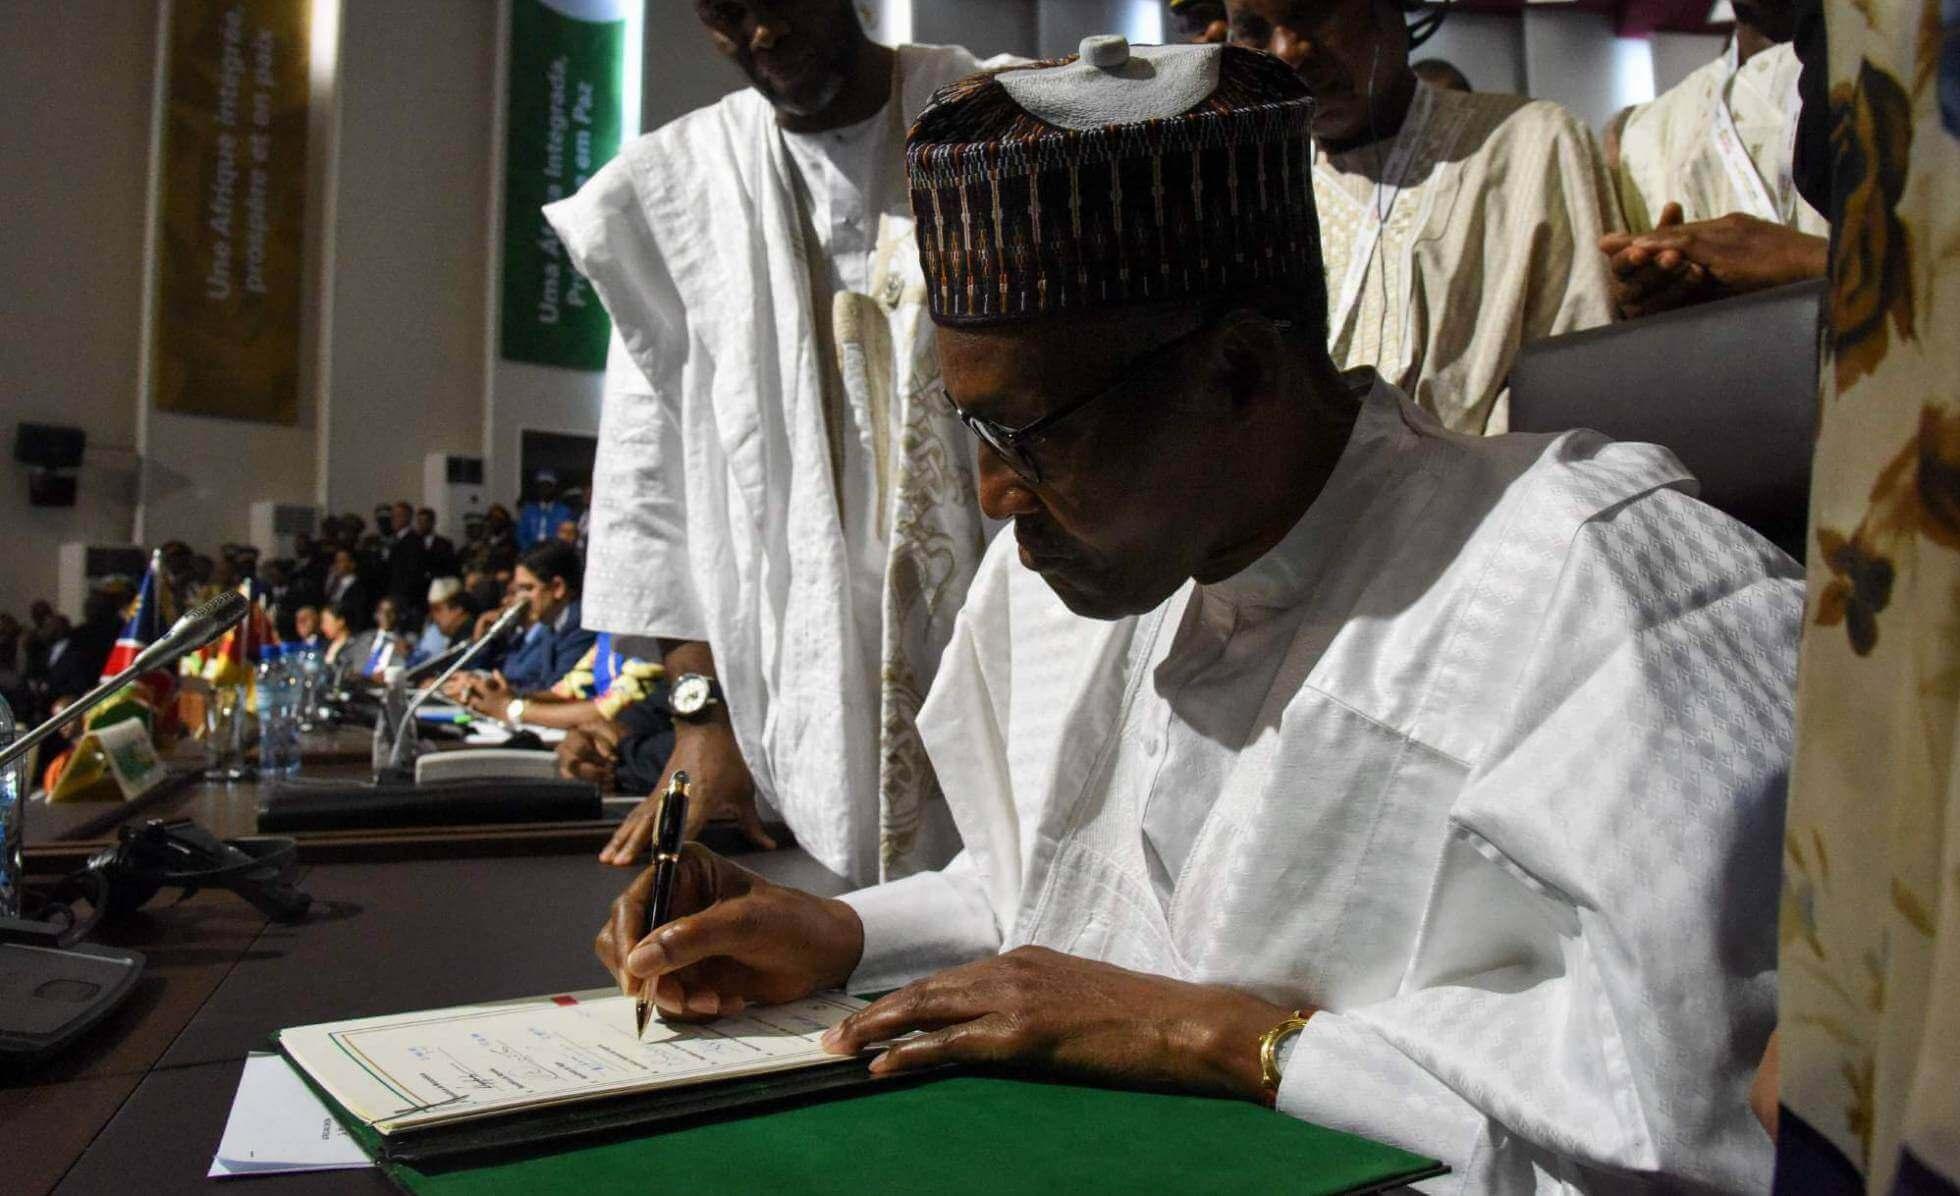 Muhammadu Buhari firma la adhesión de Nigeria al tratado comercial, este domingo en Niamey (Níger). ISSOUF SANOGO AFP